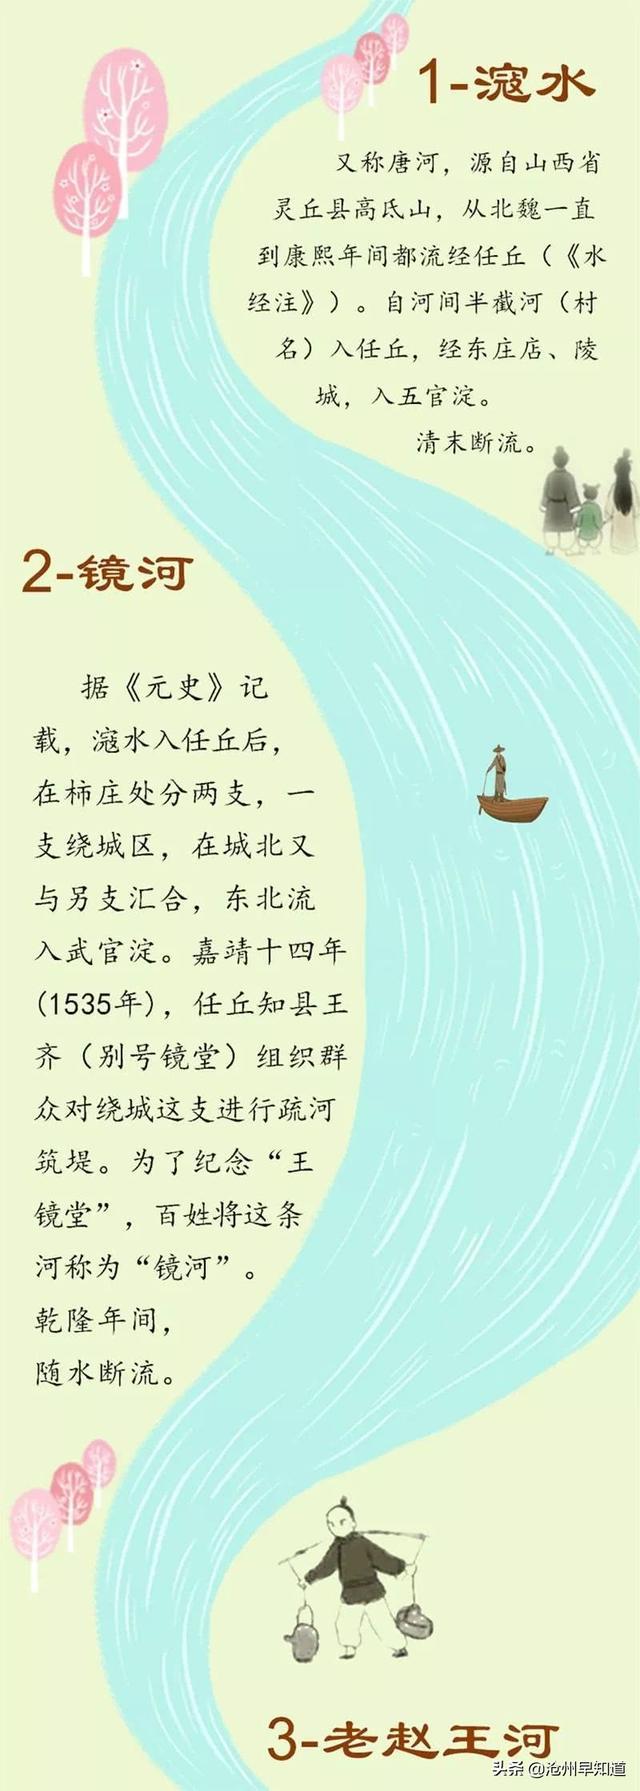 大清河、古洋河…bwin必赢手机版官网古代的这12条河流你都知道吗